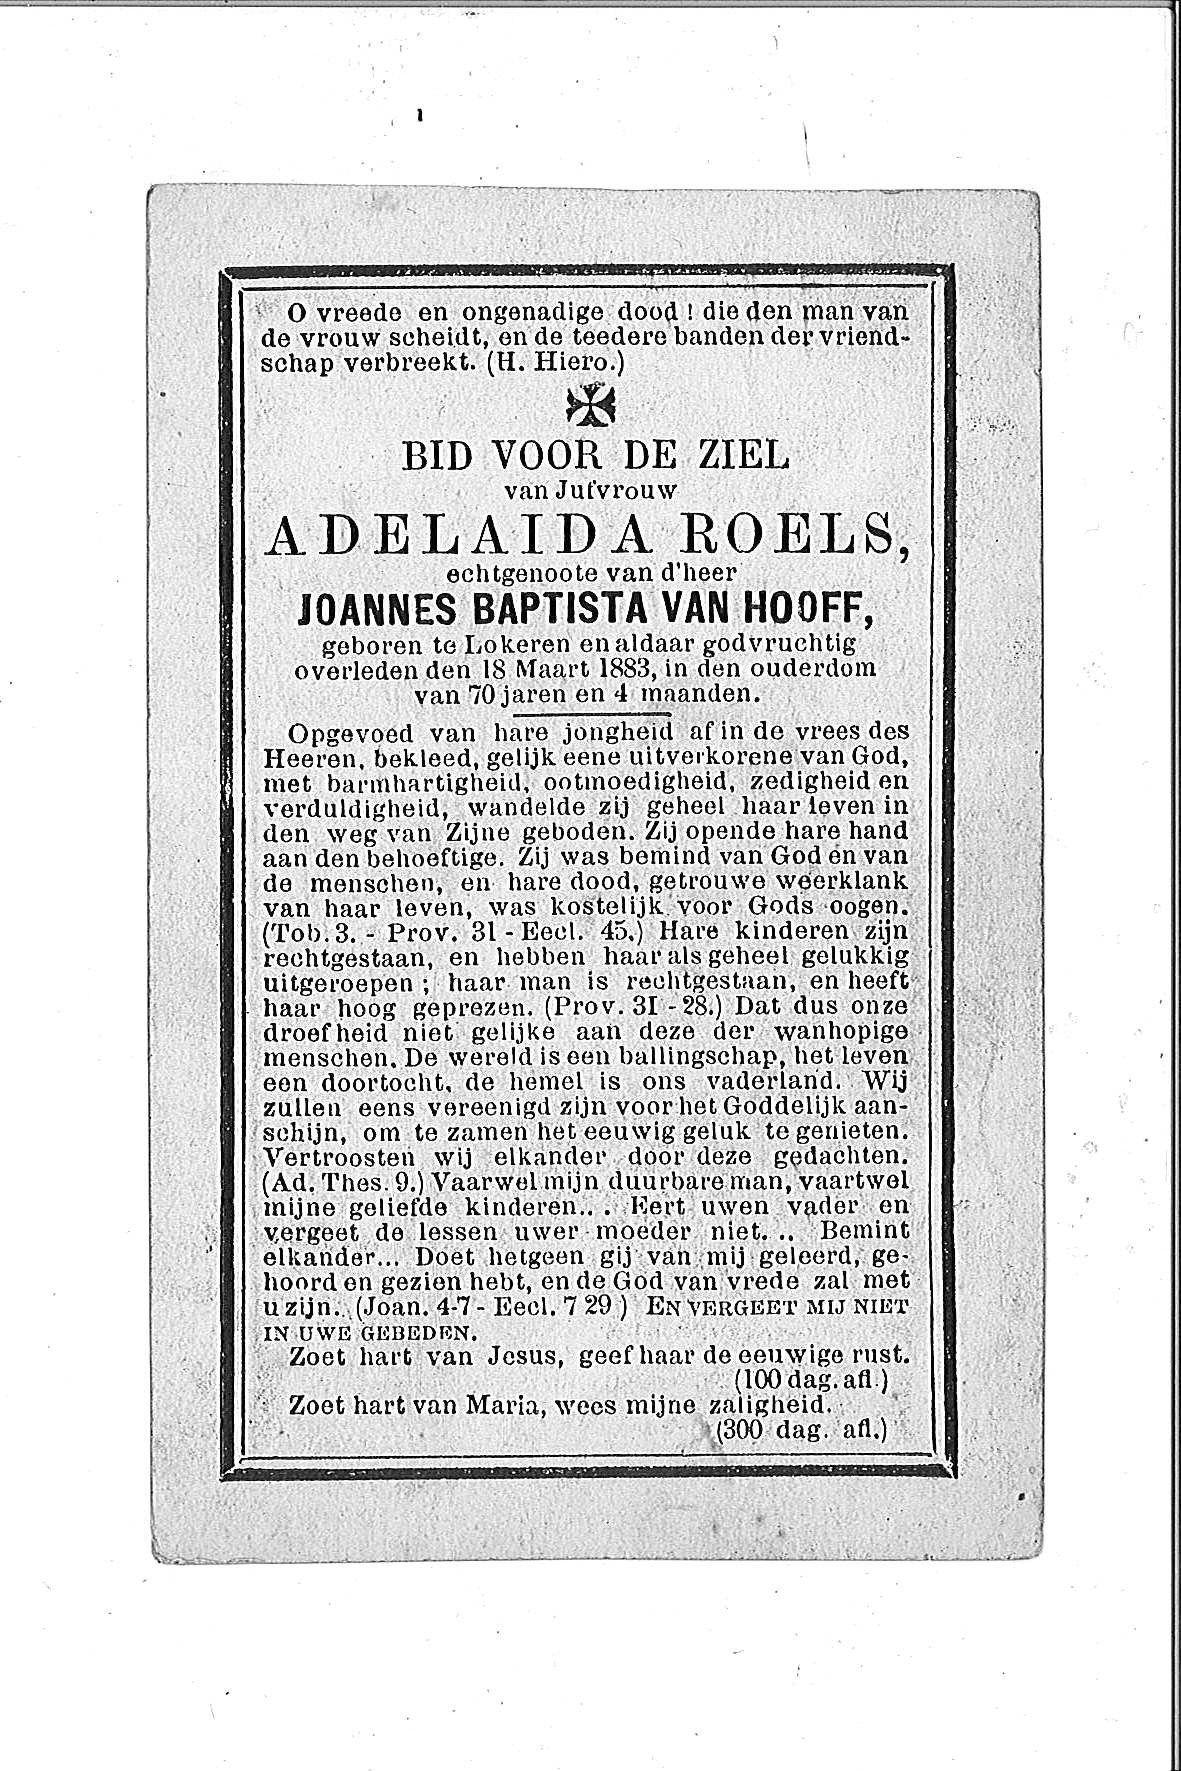 Adelaida(1883)20141201161128_00018.jpg